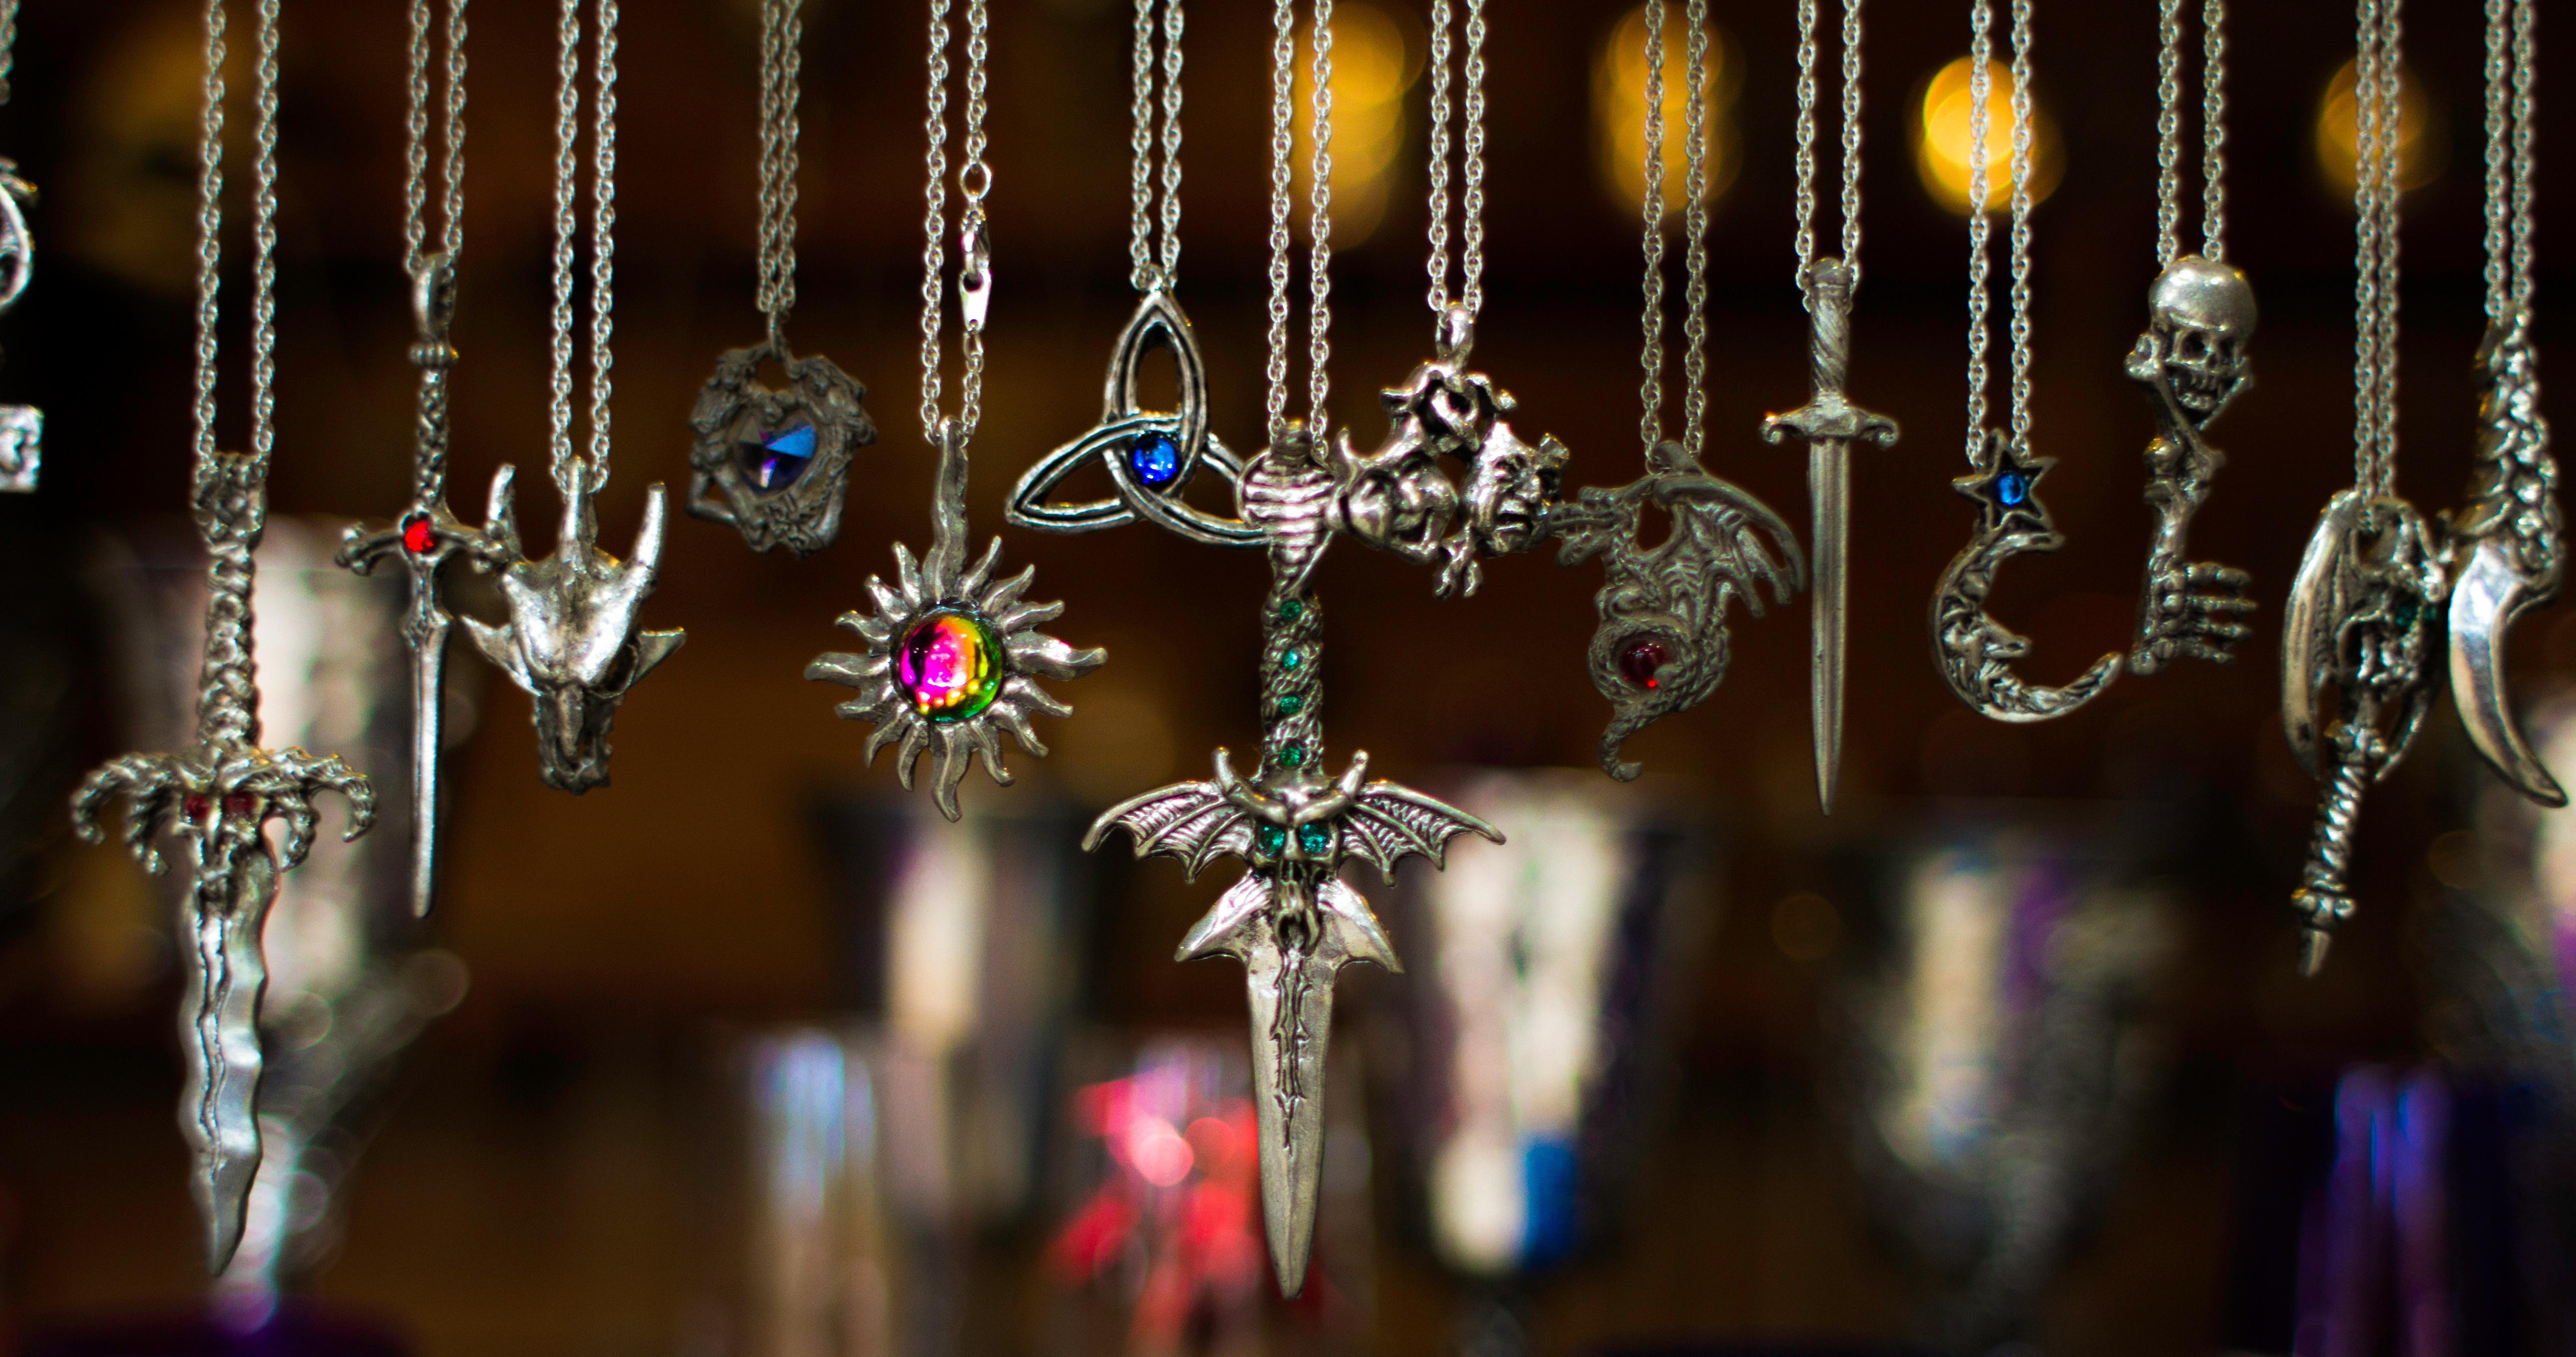 ligero vaso navidad iluminacin diseo de interiores decoracin navidea lmpara candelabro luces de navidad